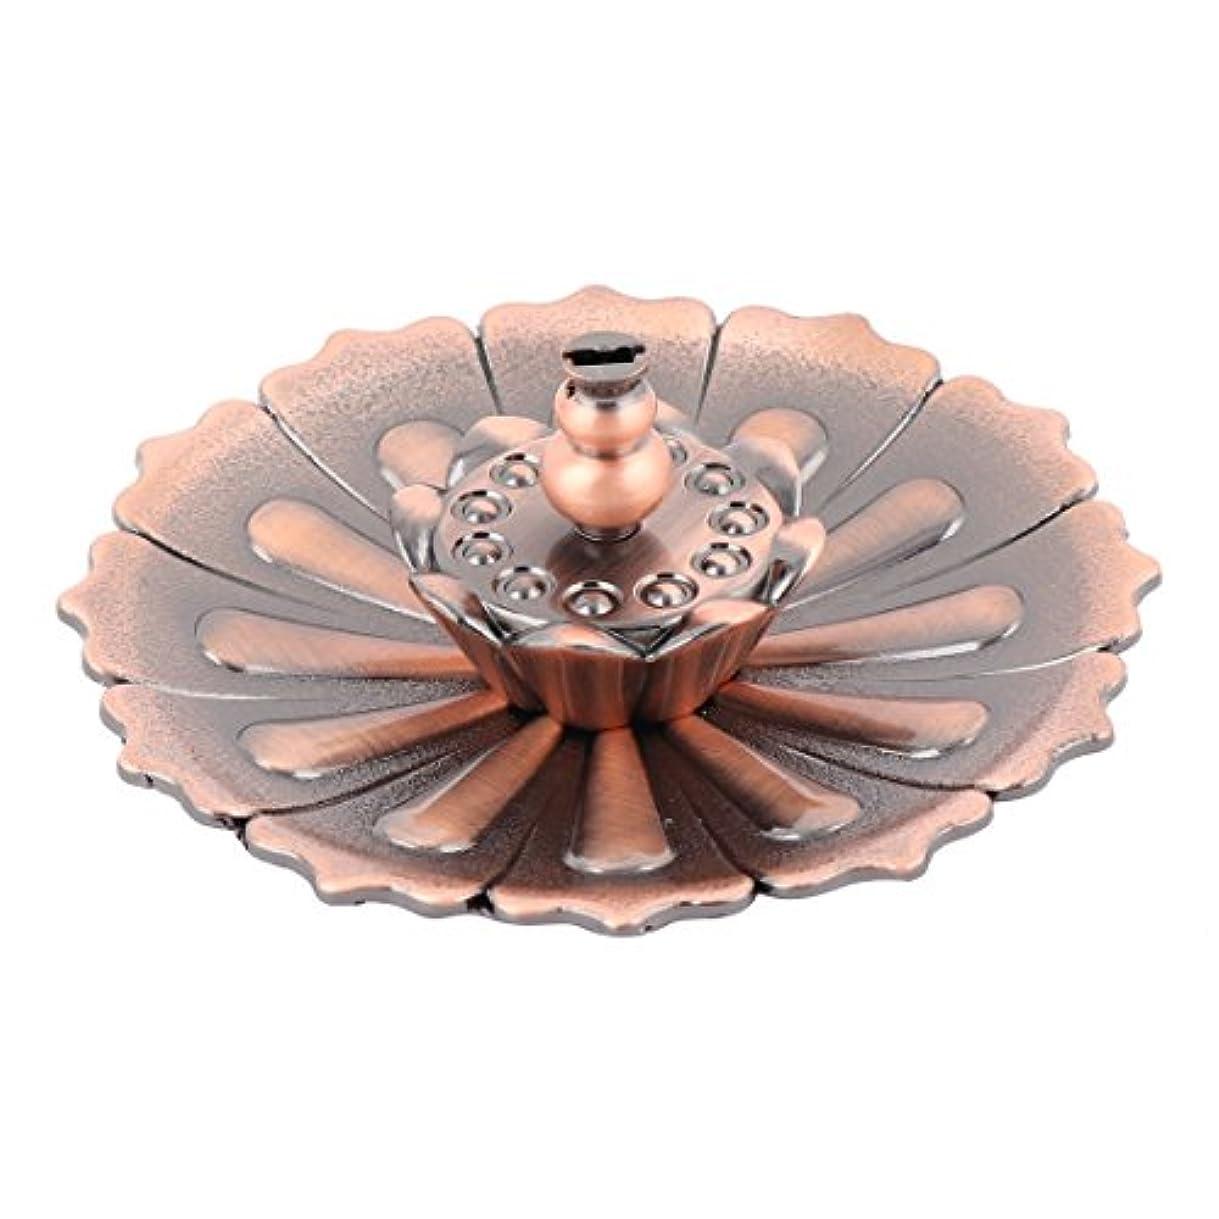 uxcell 香炉ホルダー お香立て インセンスホルダー 蓮 ロータス 花型 セット 金属製 家庭用 直径10cm